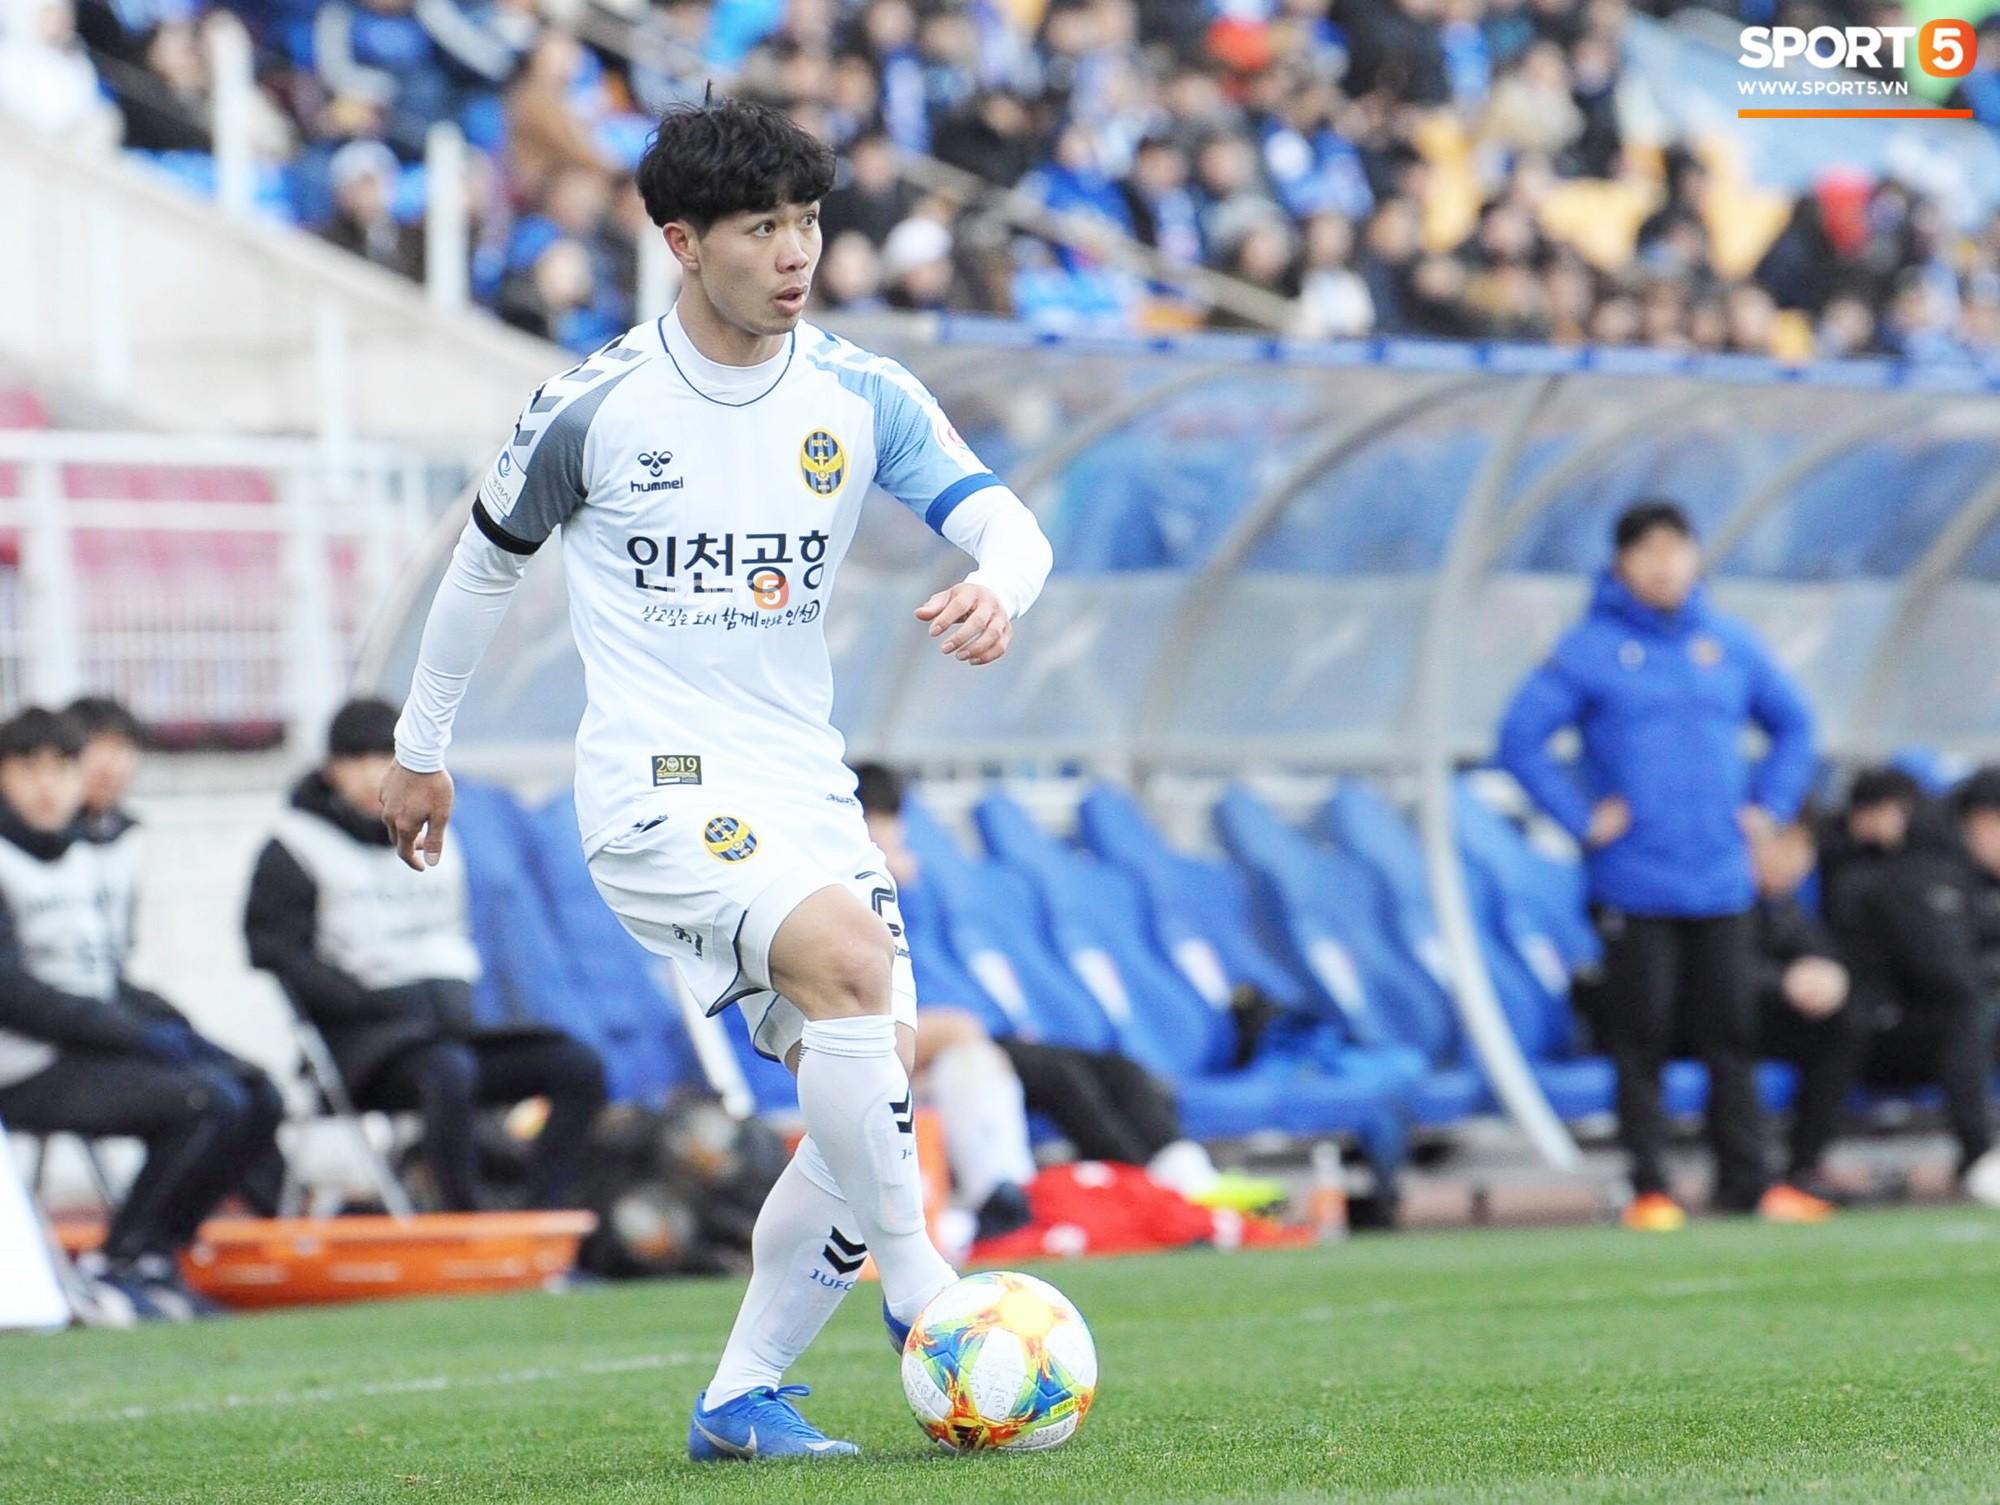 HLV Incheon United: Công Phượng thất bại ở Hàn Quốc vì không thể chơi cho một đội bóng chỉ biết phòng ngự-1